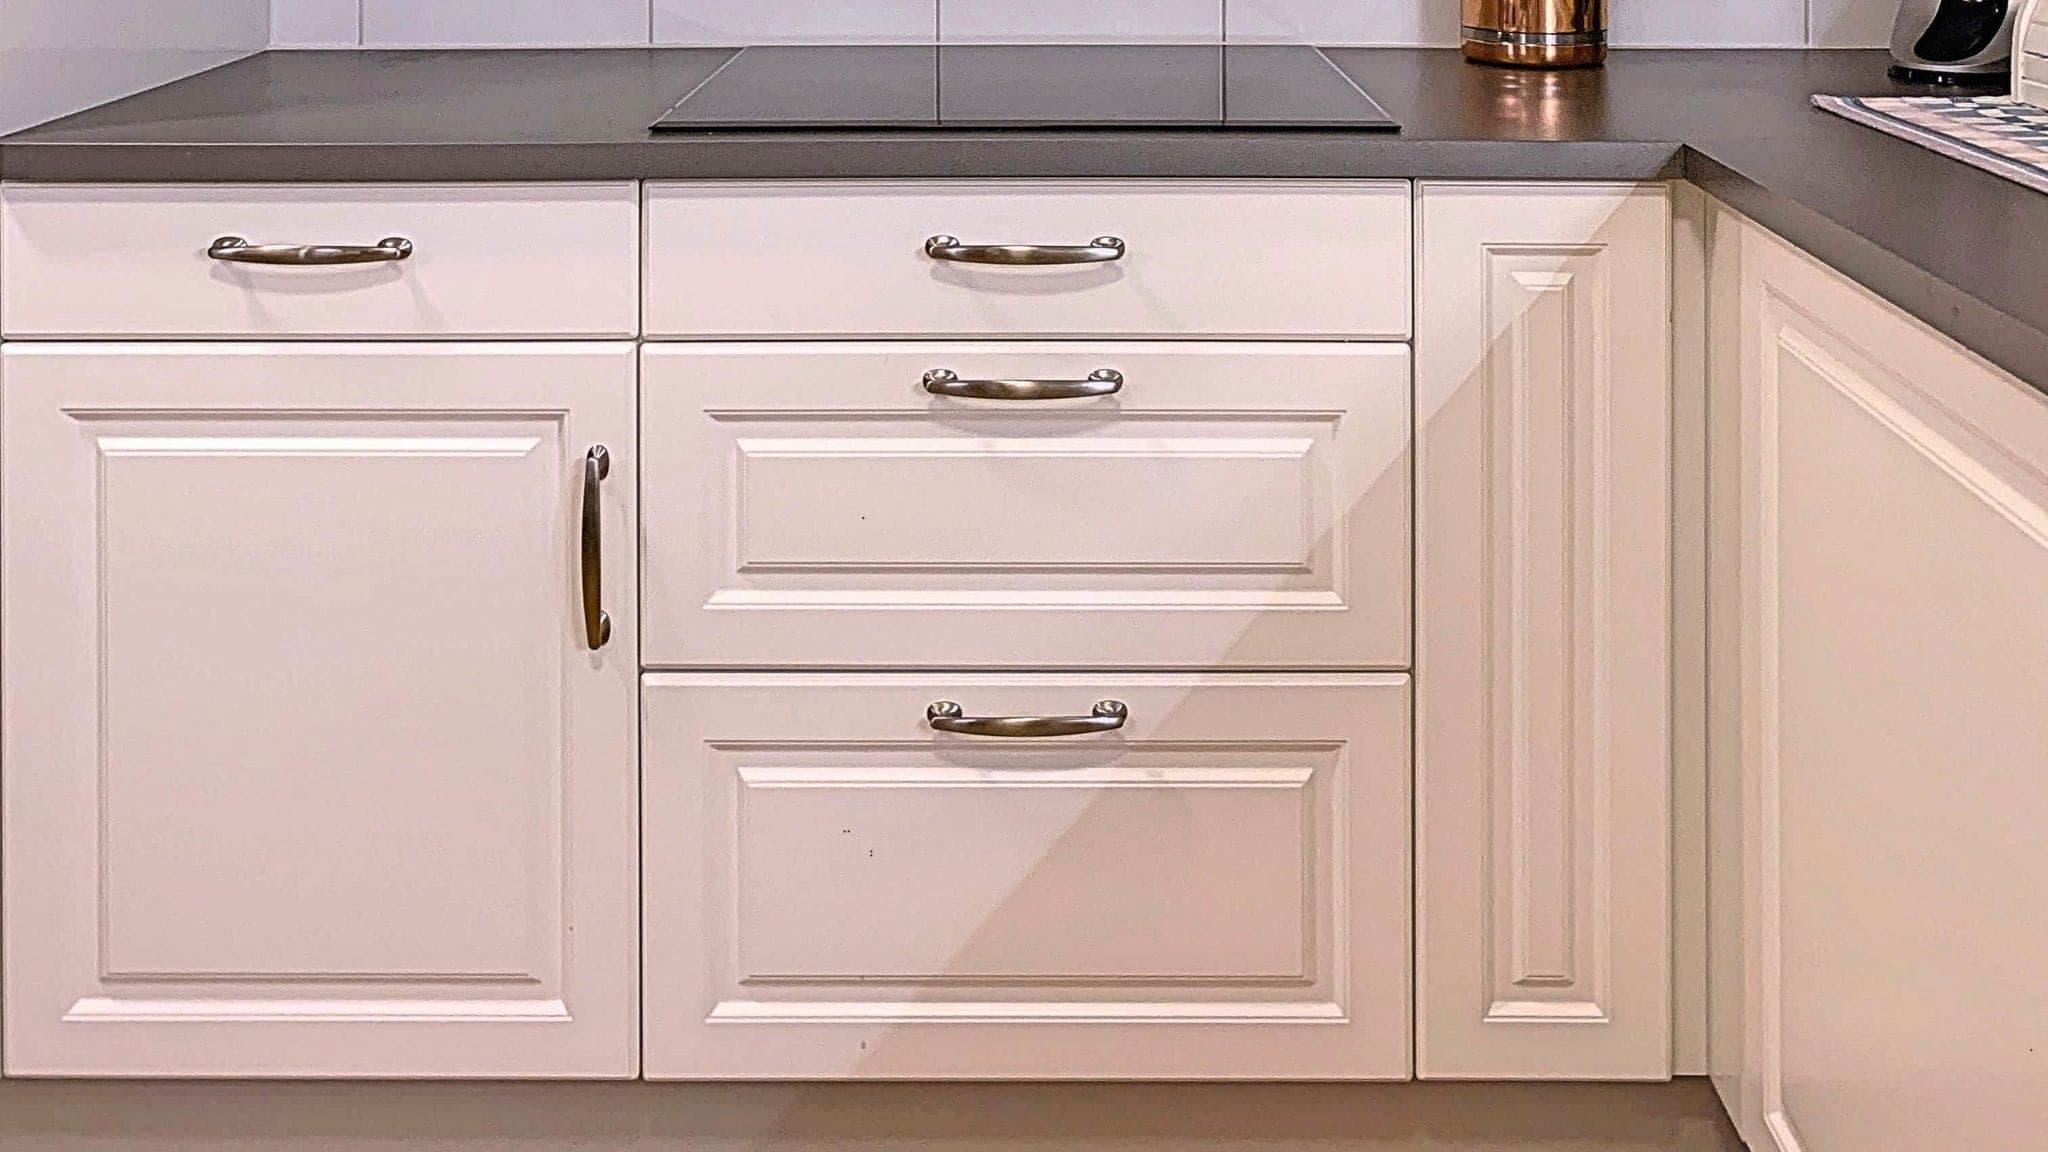 Nya köksluckor till IKEA Faktum skåp och stommar